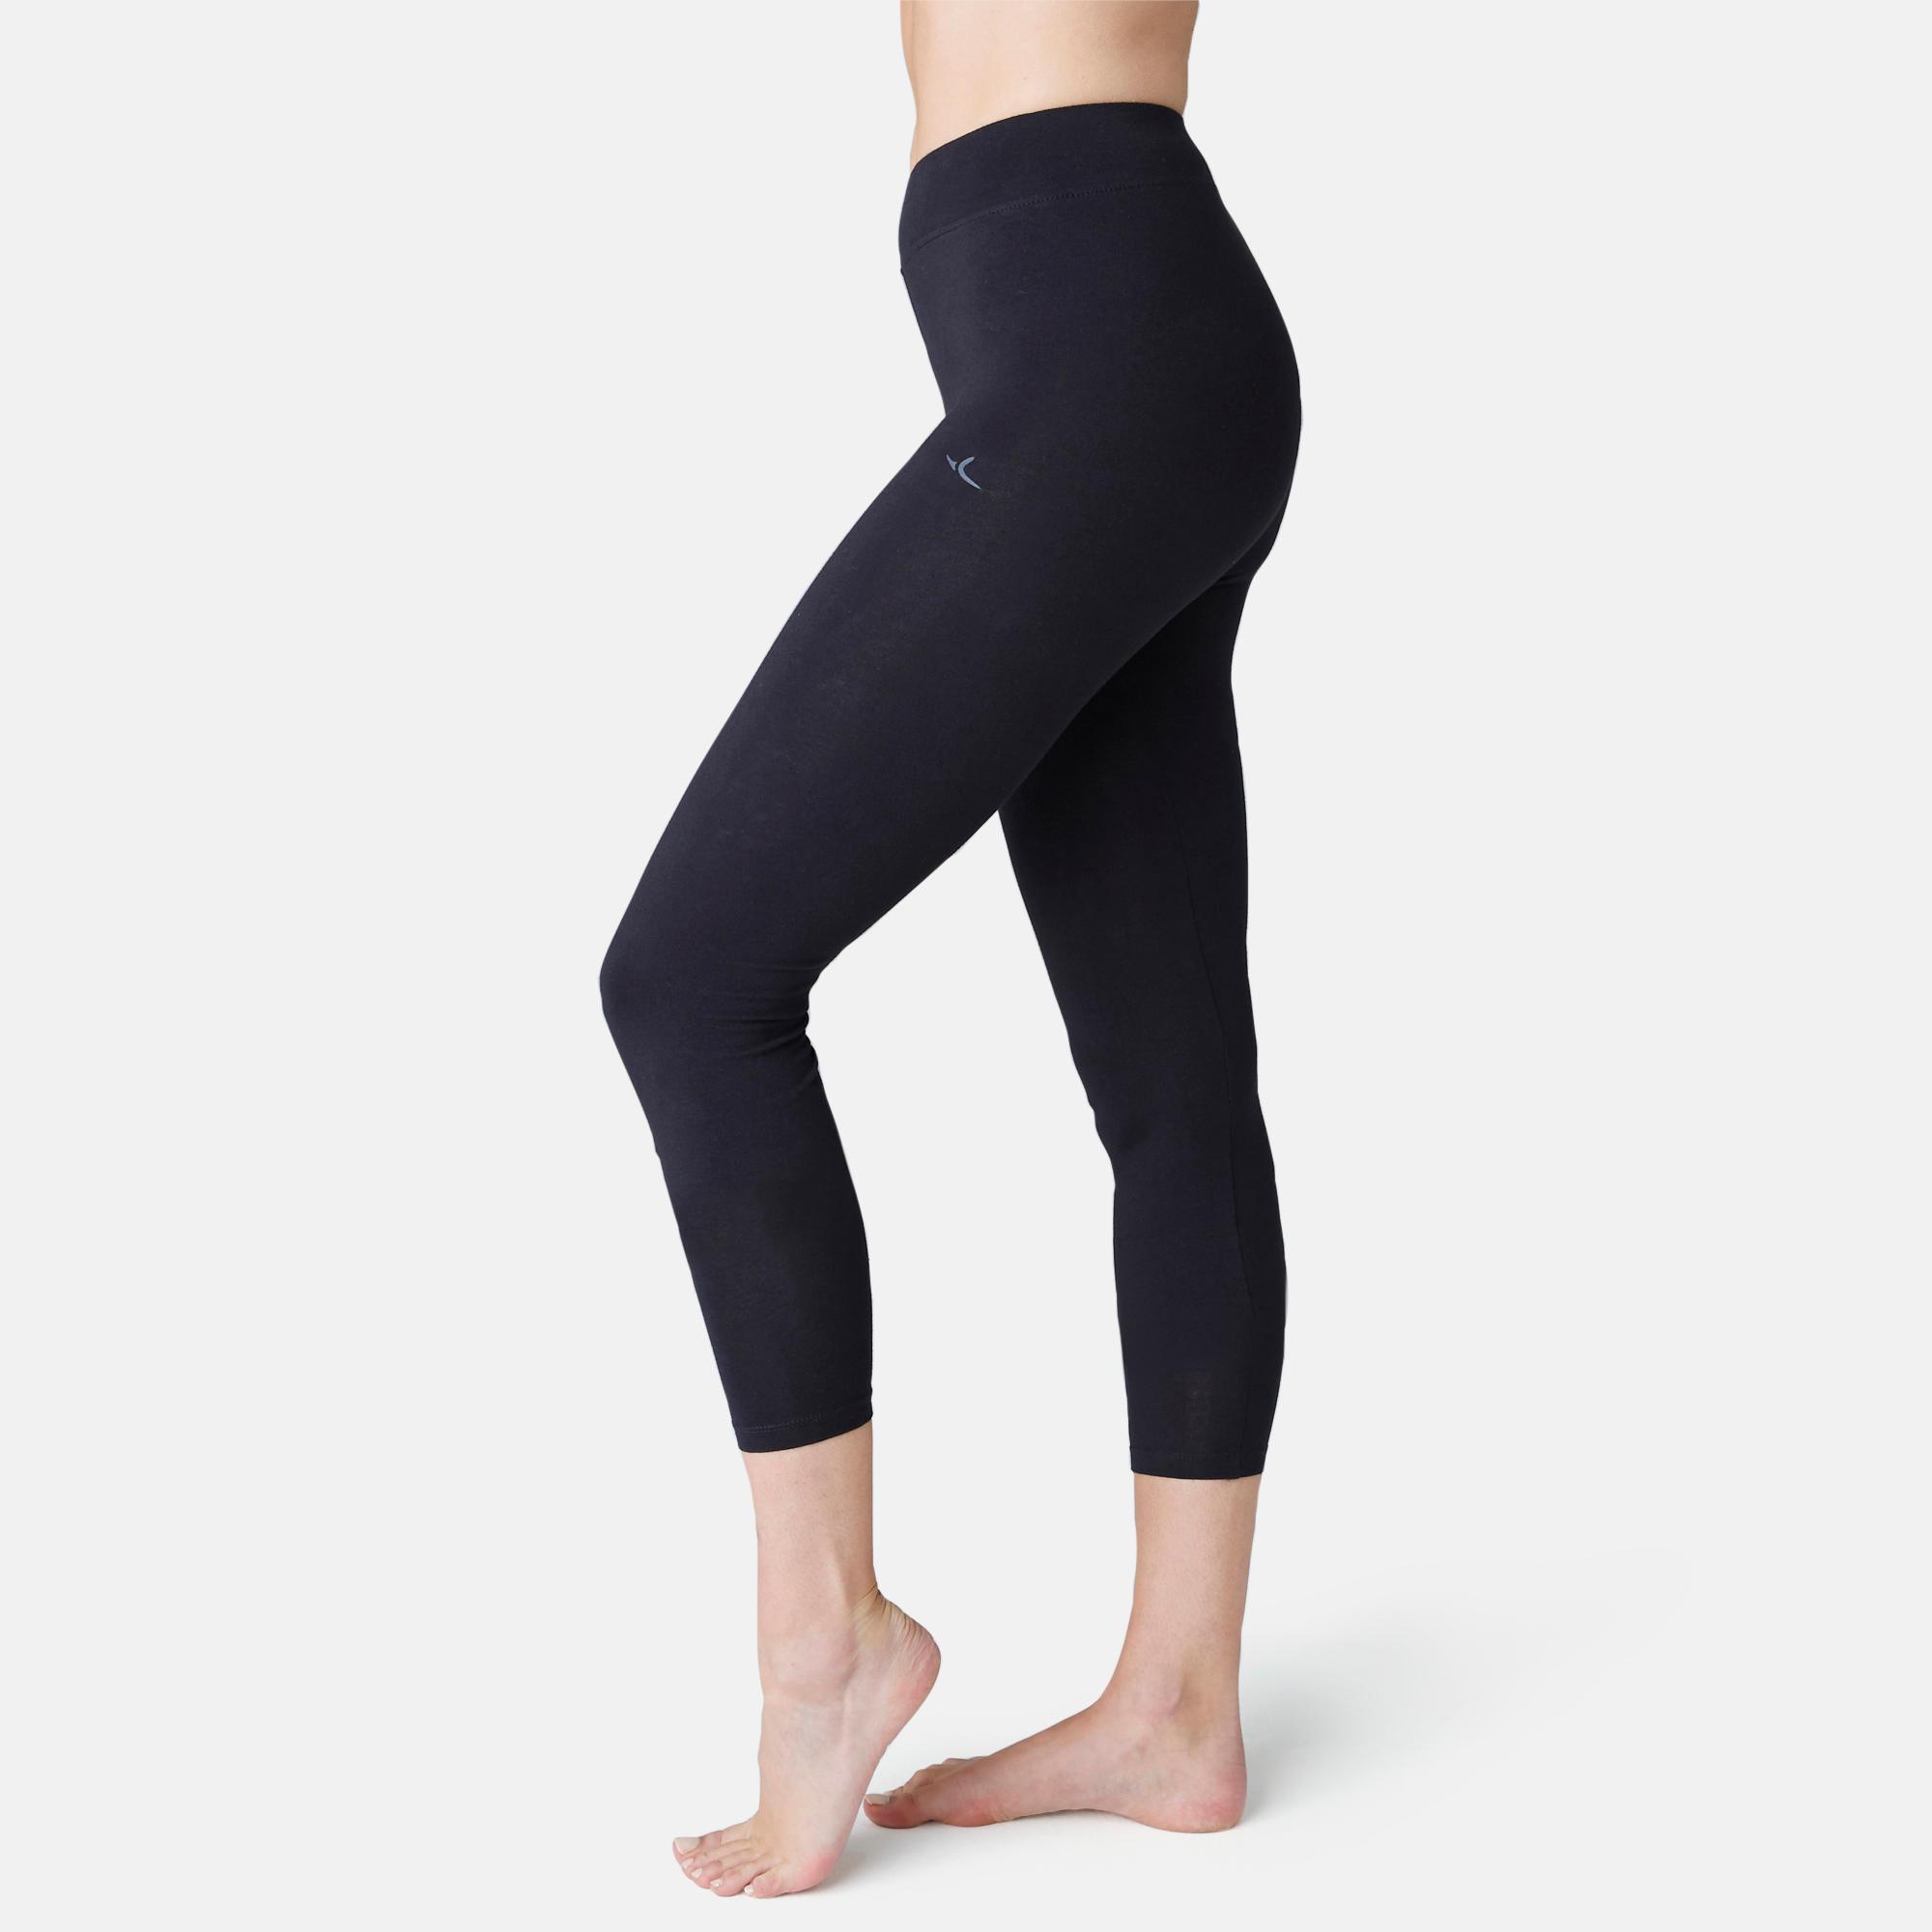 Femme Legging Douce 78 Fit500 Slim Noir Pilates Gym dxreCBo